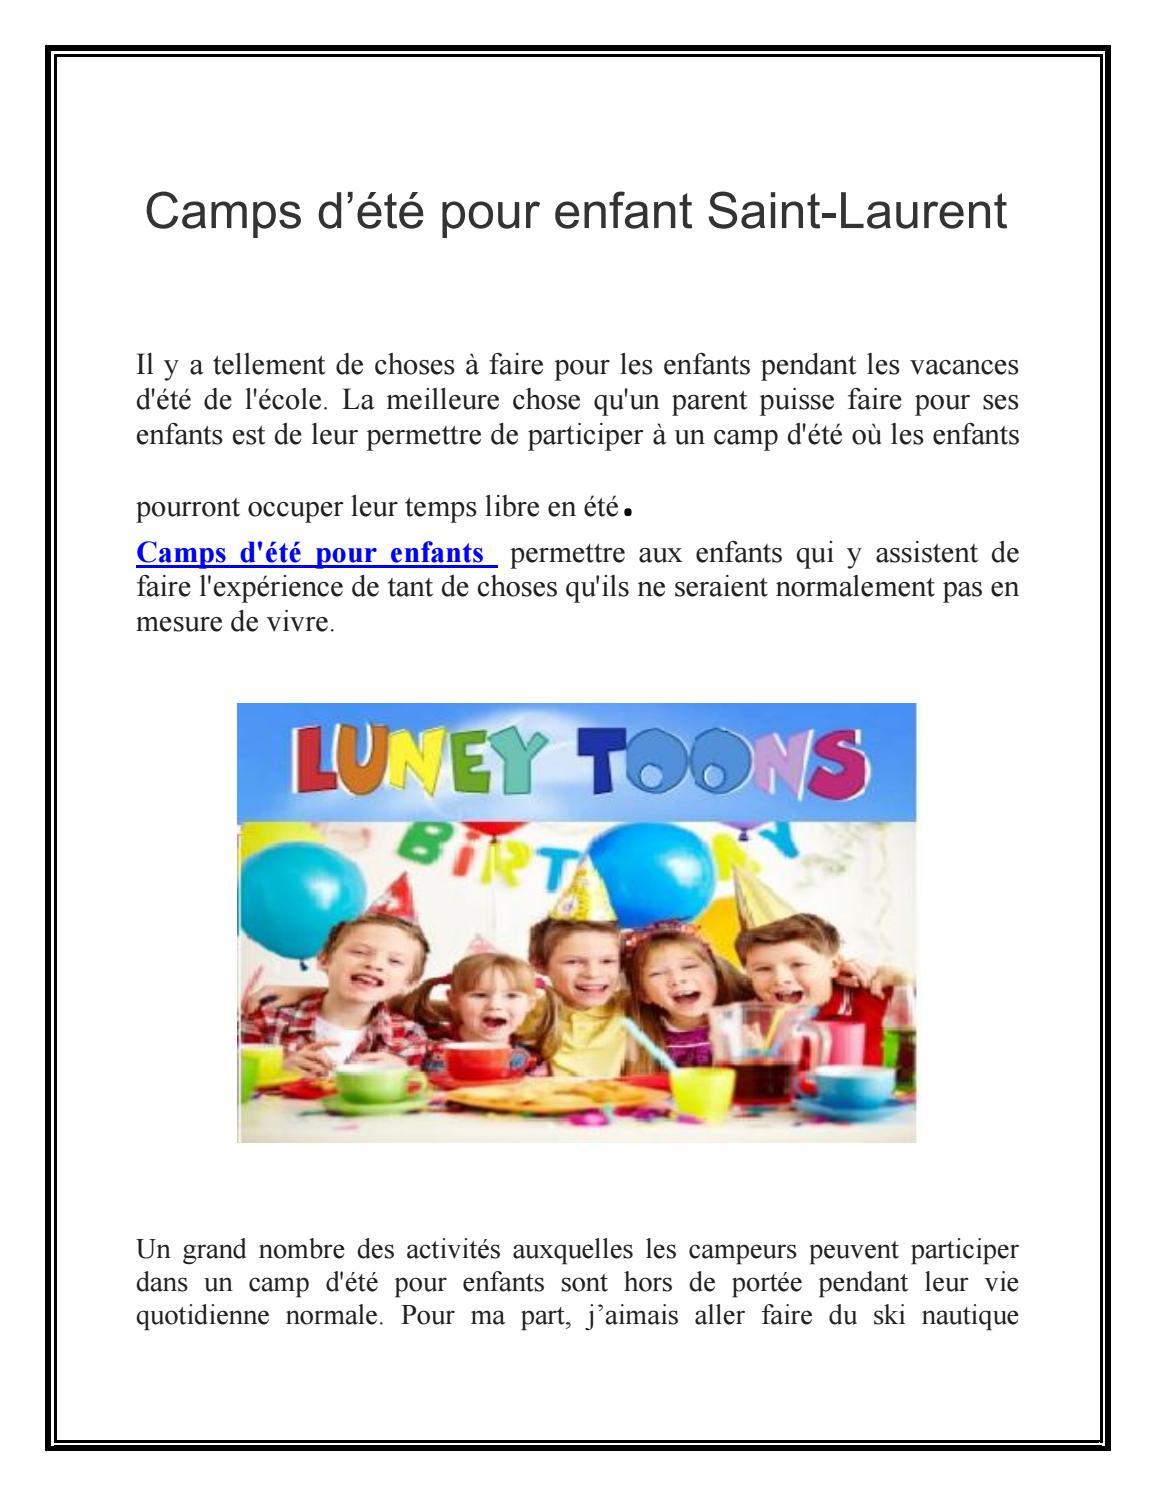 Que Faire Pendant Les Vacances D été : faire, pendant, vacances, été, Camps, D'été, Enfant, Saint-Laurent, Garderieluneytoons11, Issuu